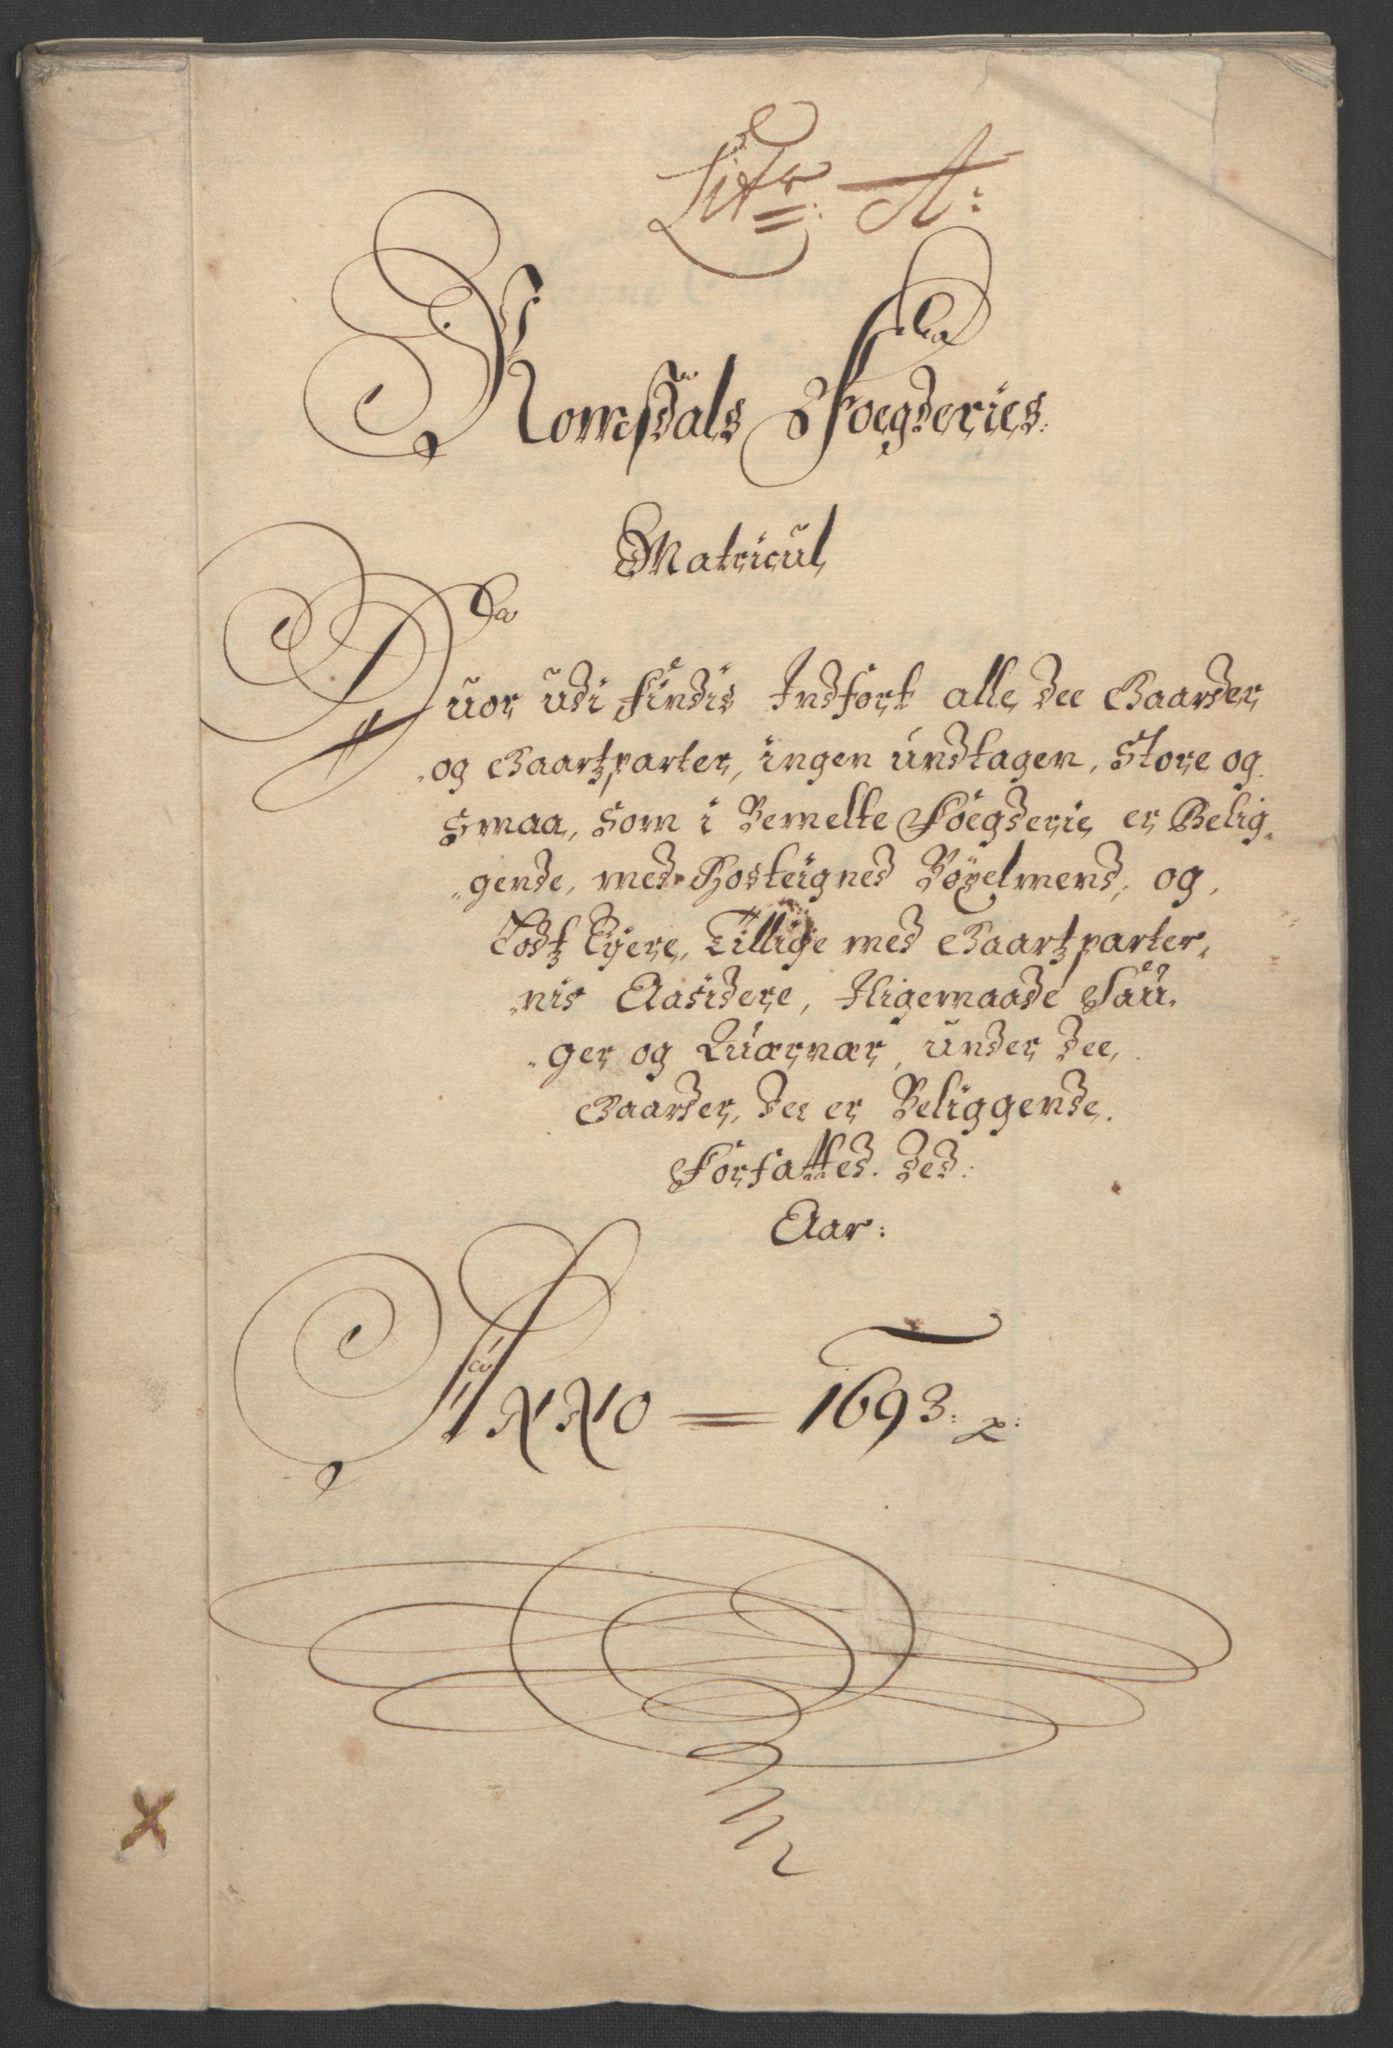 RA, Rentekammeret inntil 1814, Reviderte regnskaper, Fogderegnskap, R55/L3651: Fogderegnskap Romsdal, 1693-1694, s. 9